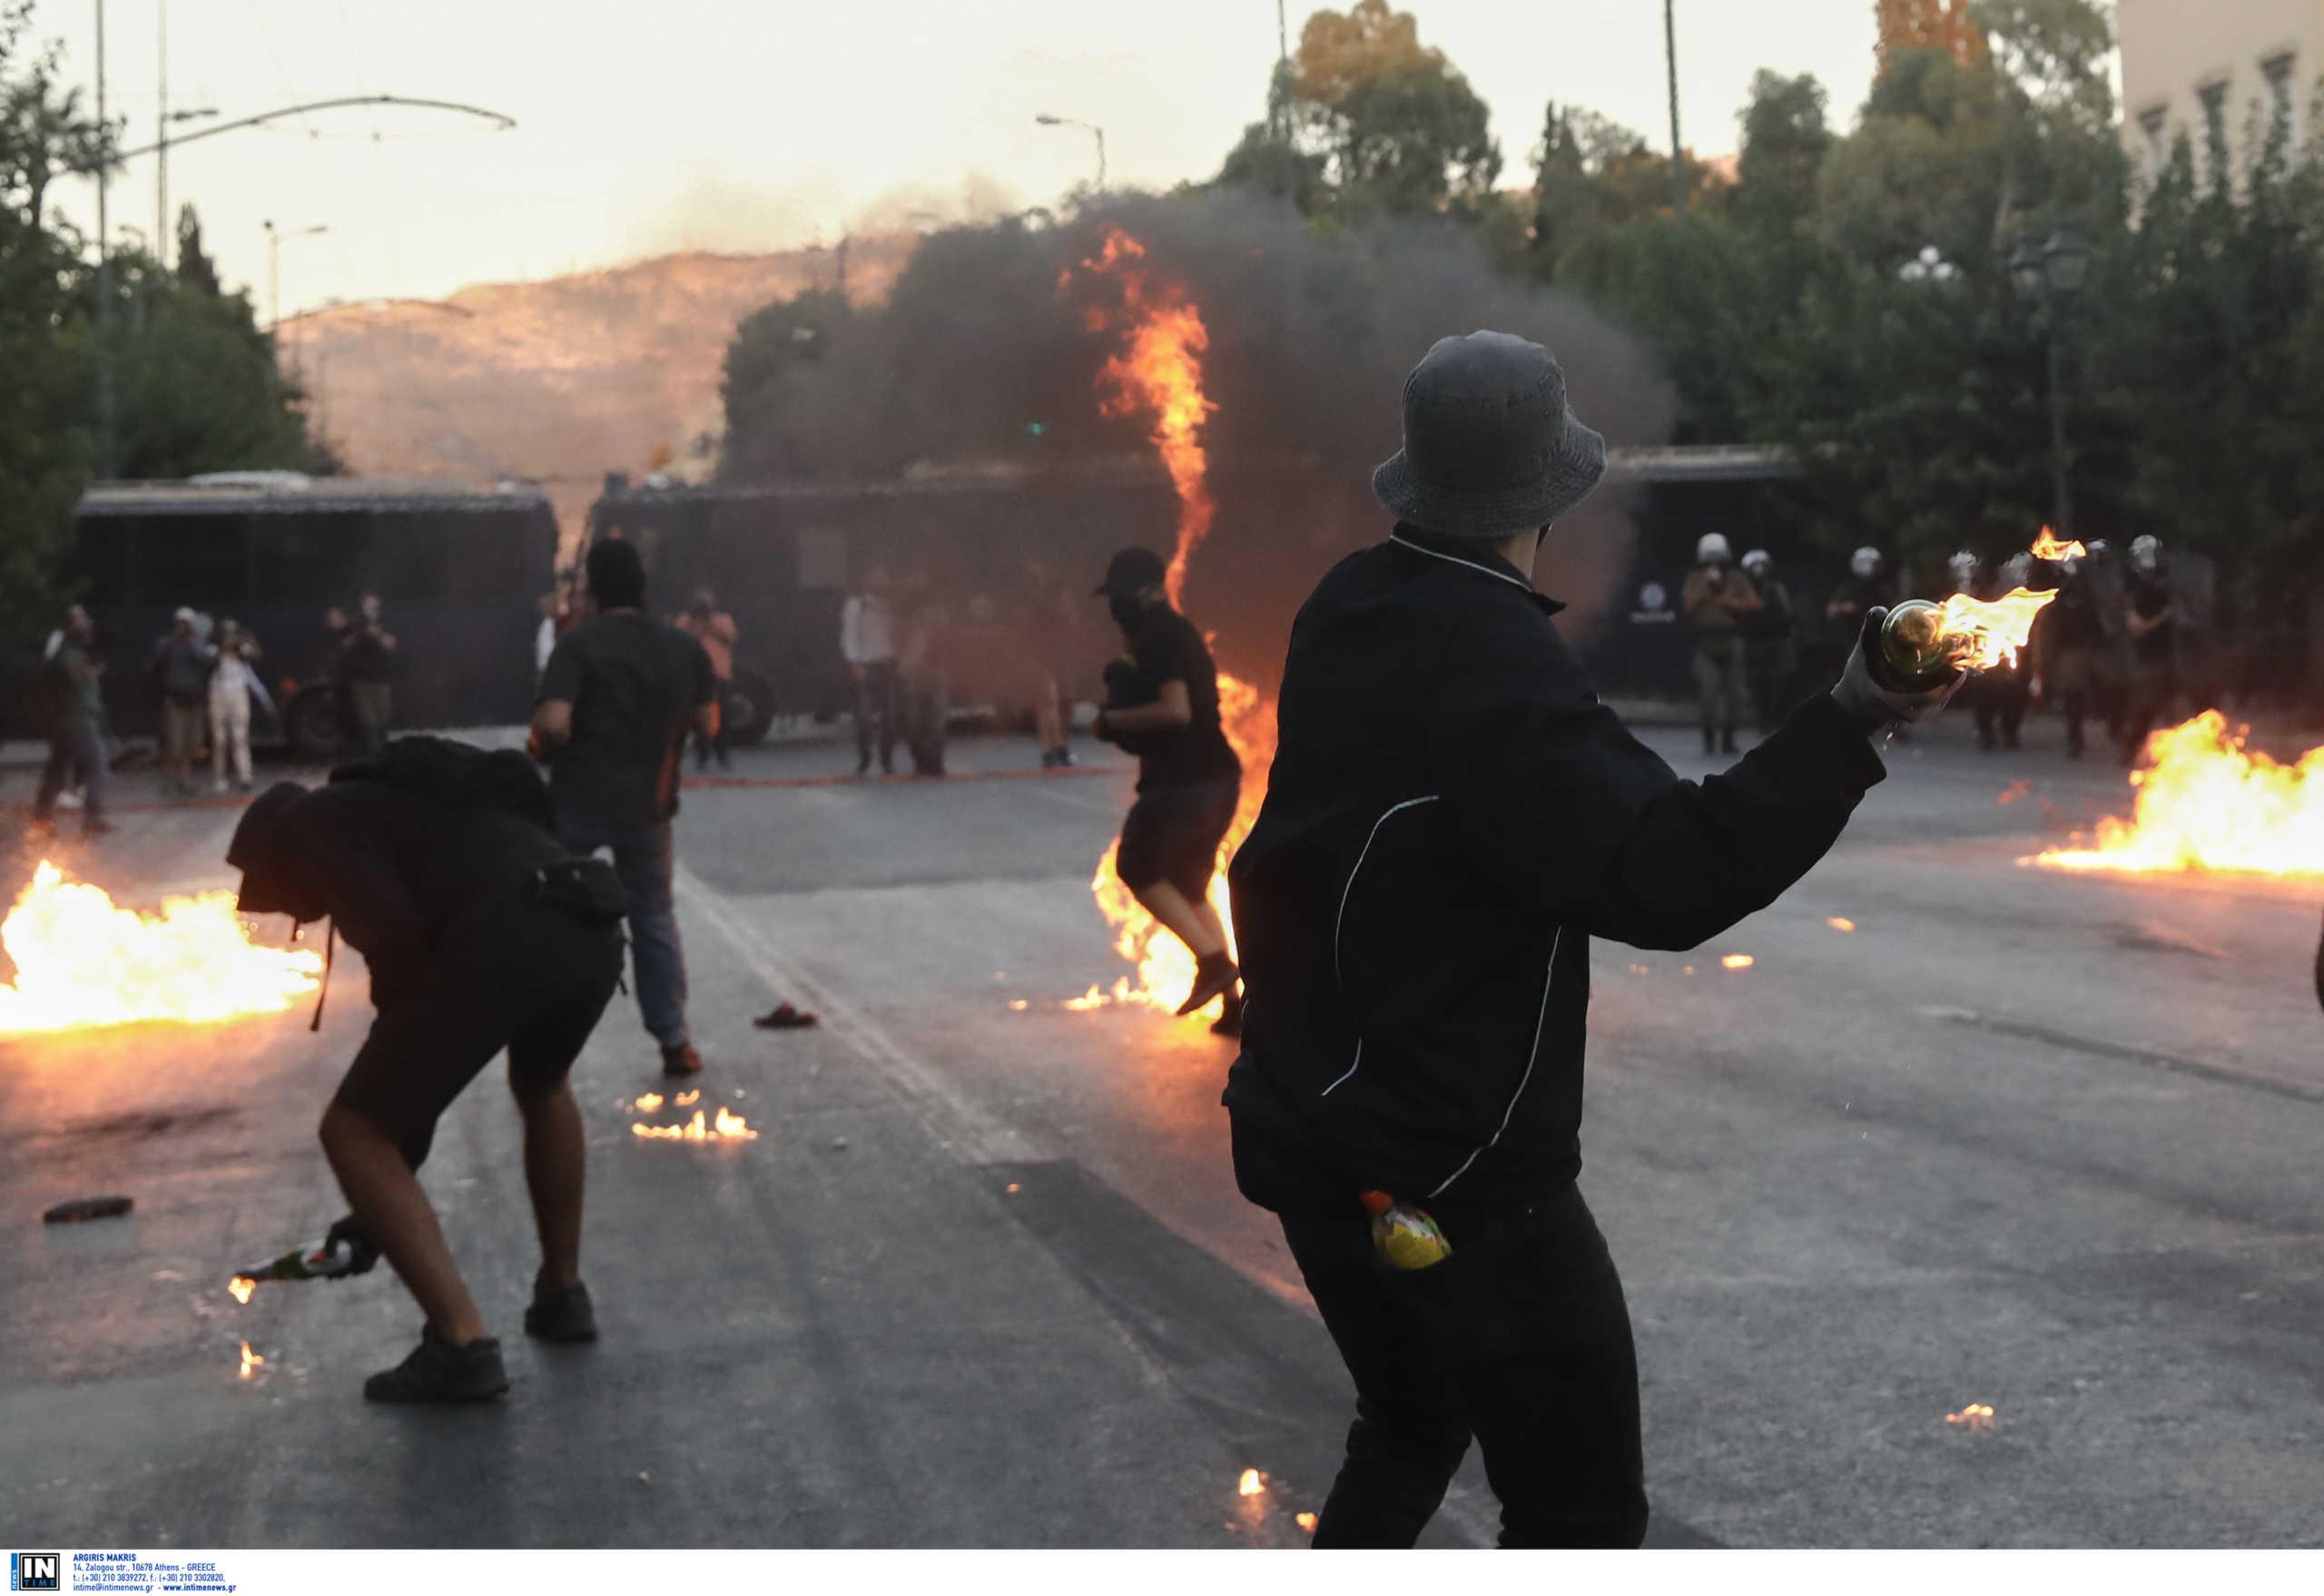 ΕΛ.ΑΣ.: Το χρονολόγιο της βίας – Επί 50 λεπτά δέχονταν επιθέσεις οι αστυνομικοί